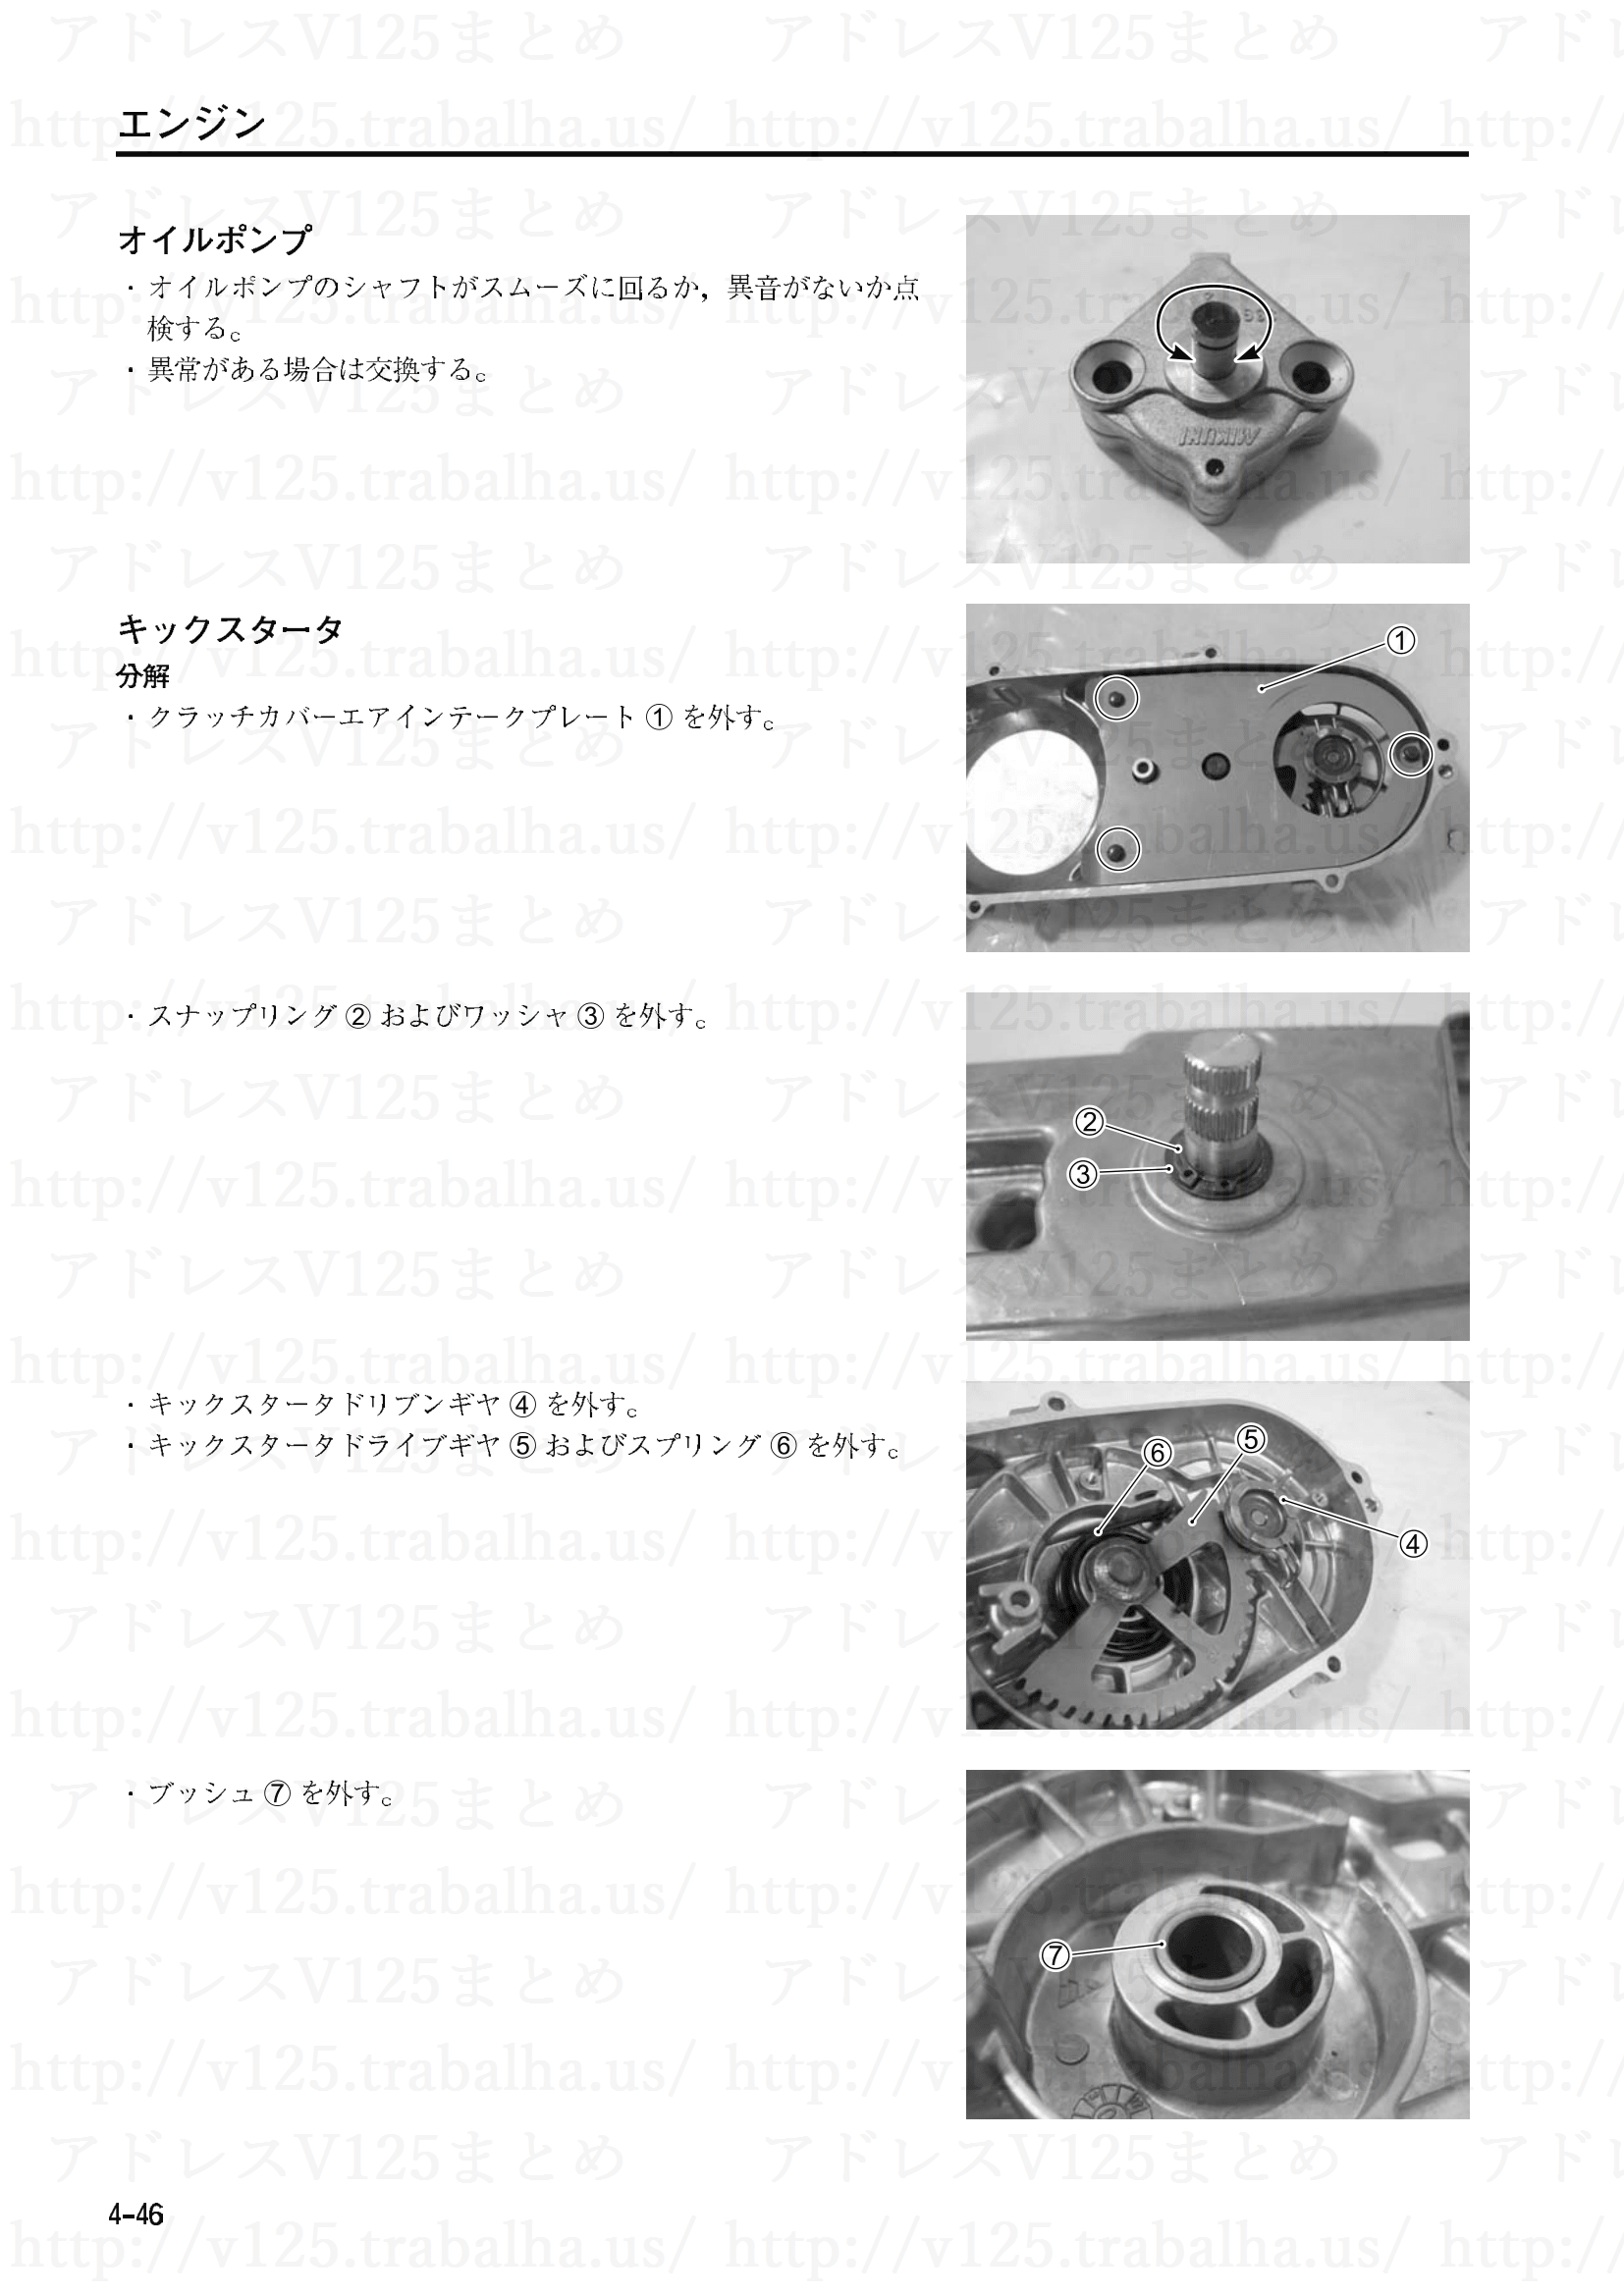 4-46【エンジン】エンジン部組部品の点検24